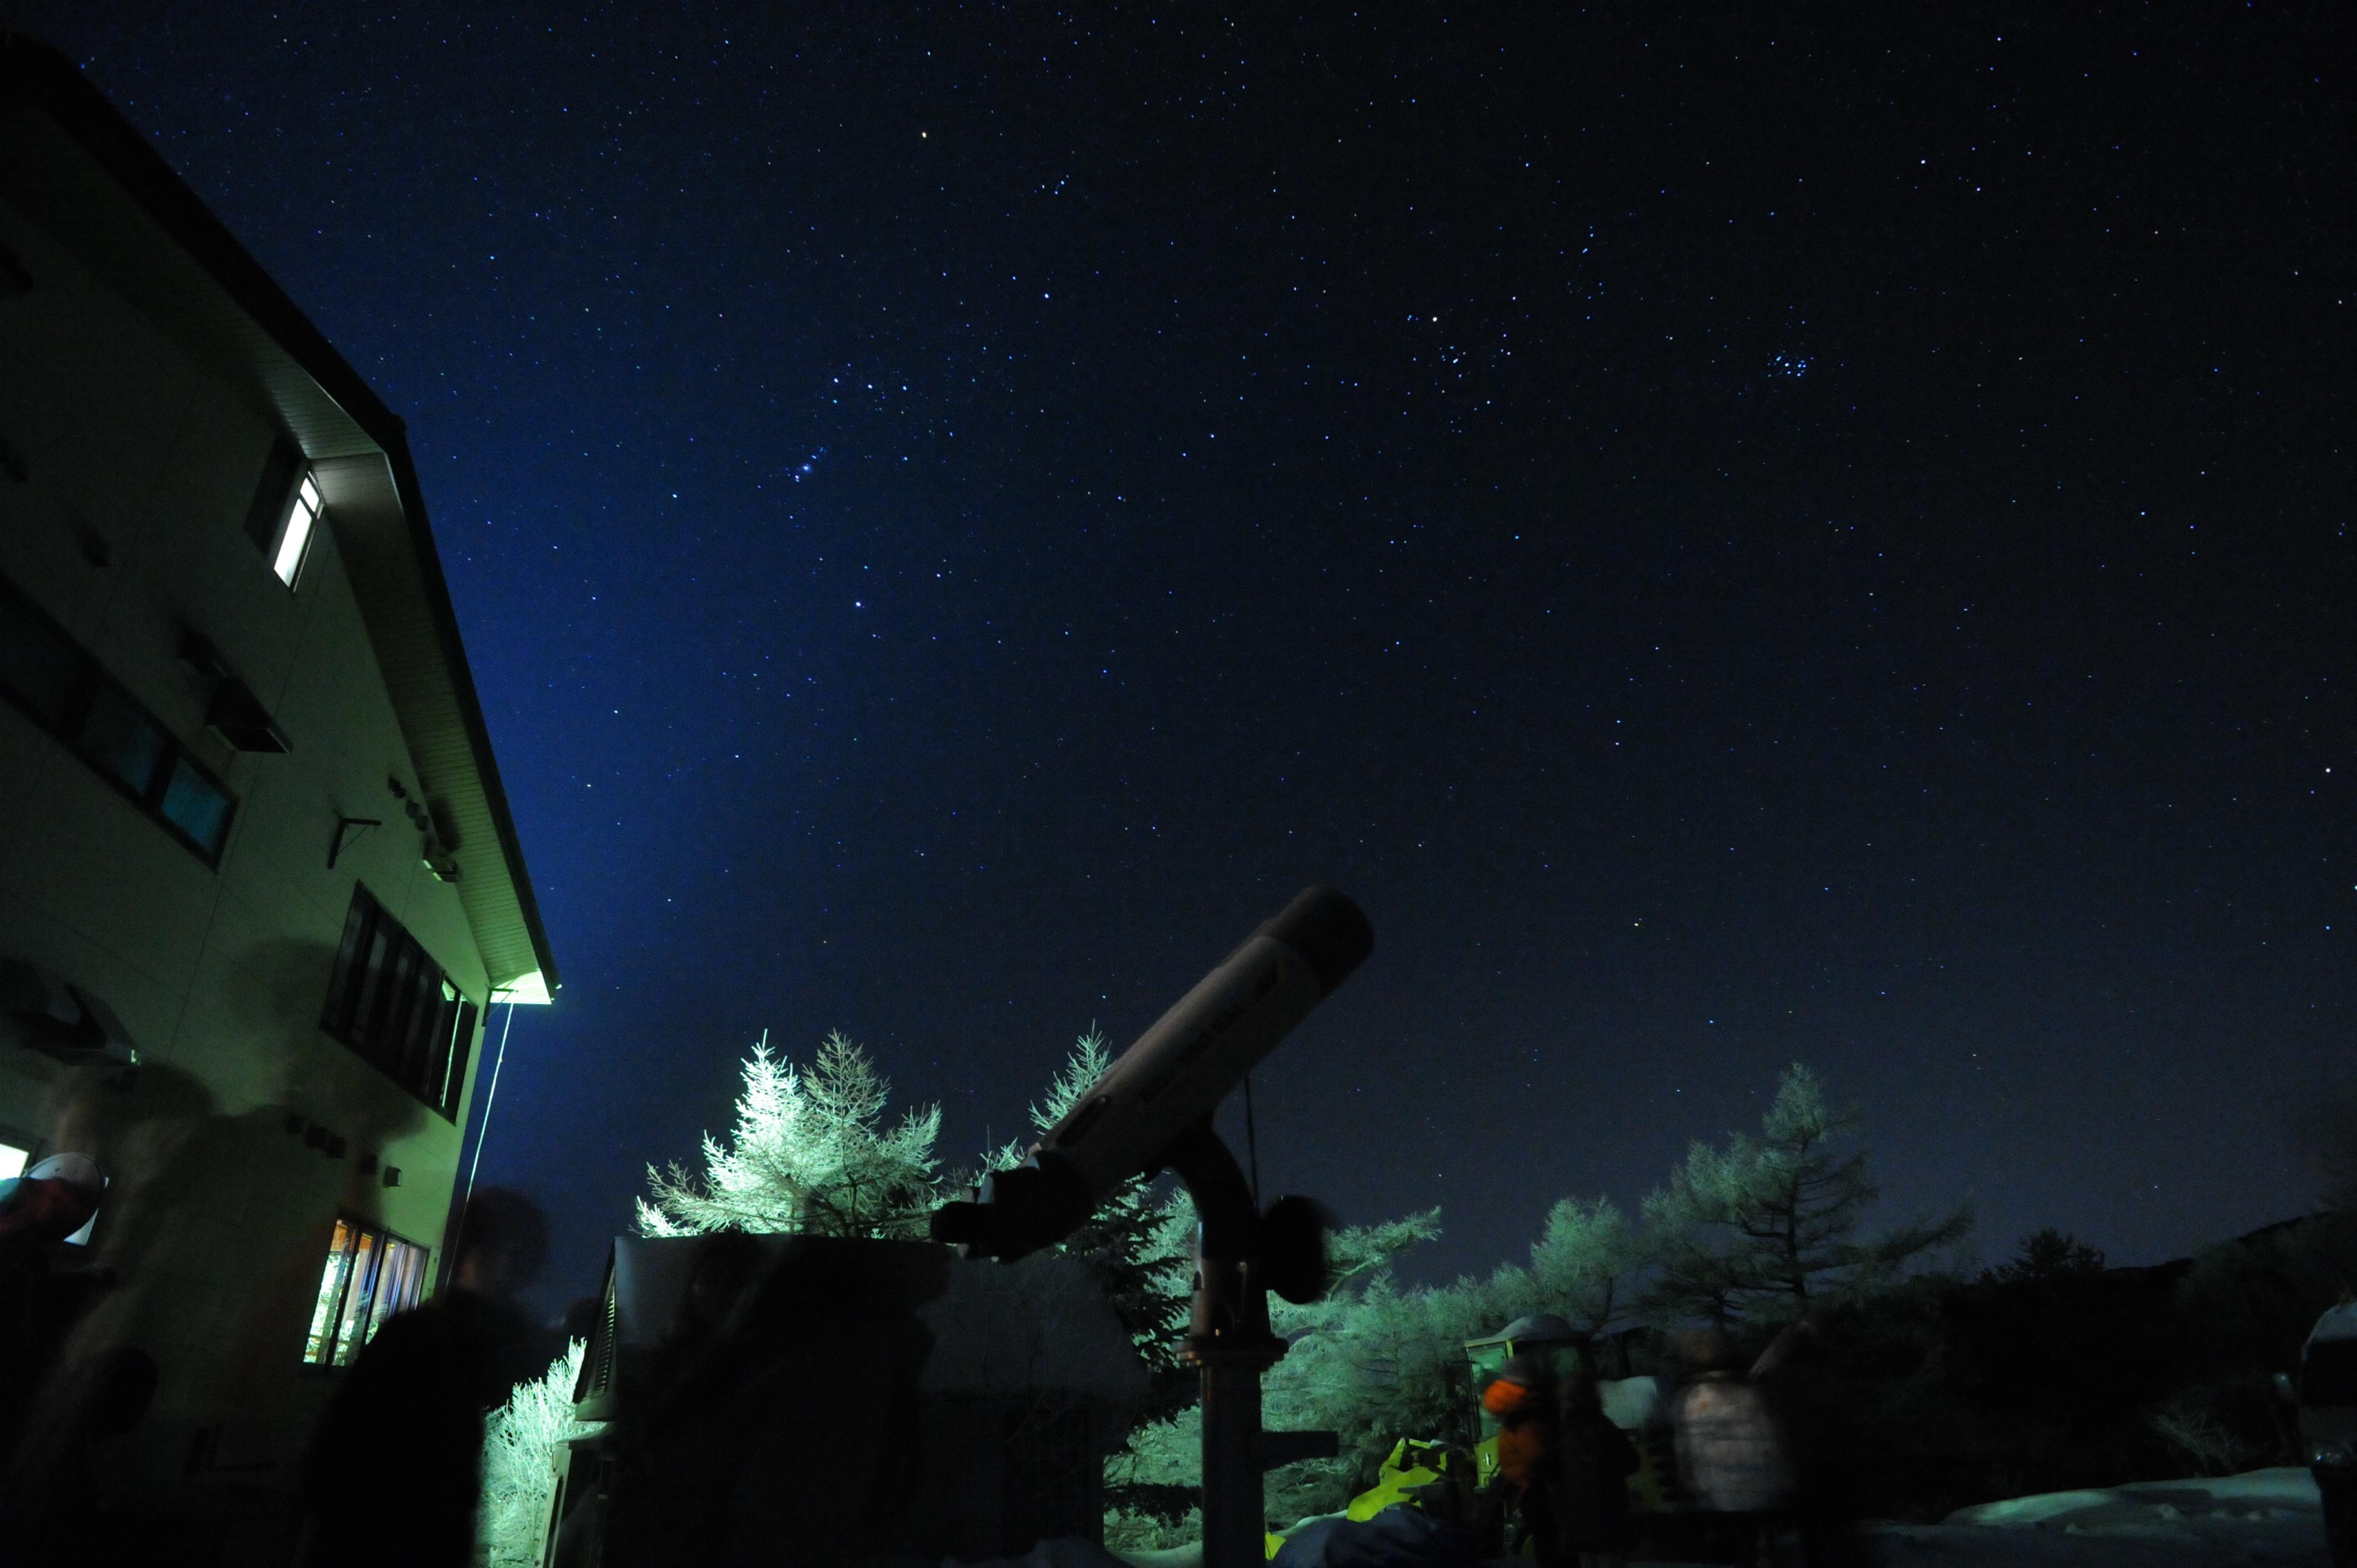 望遠鏡と霧氷 039